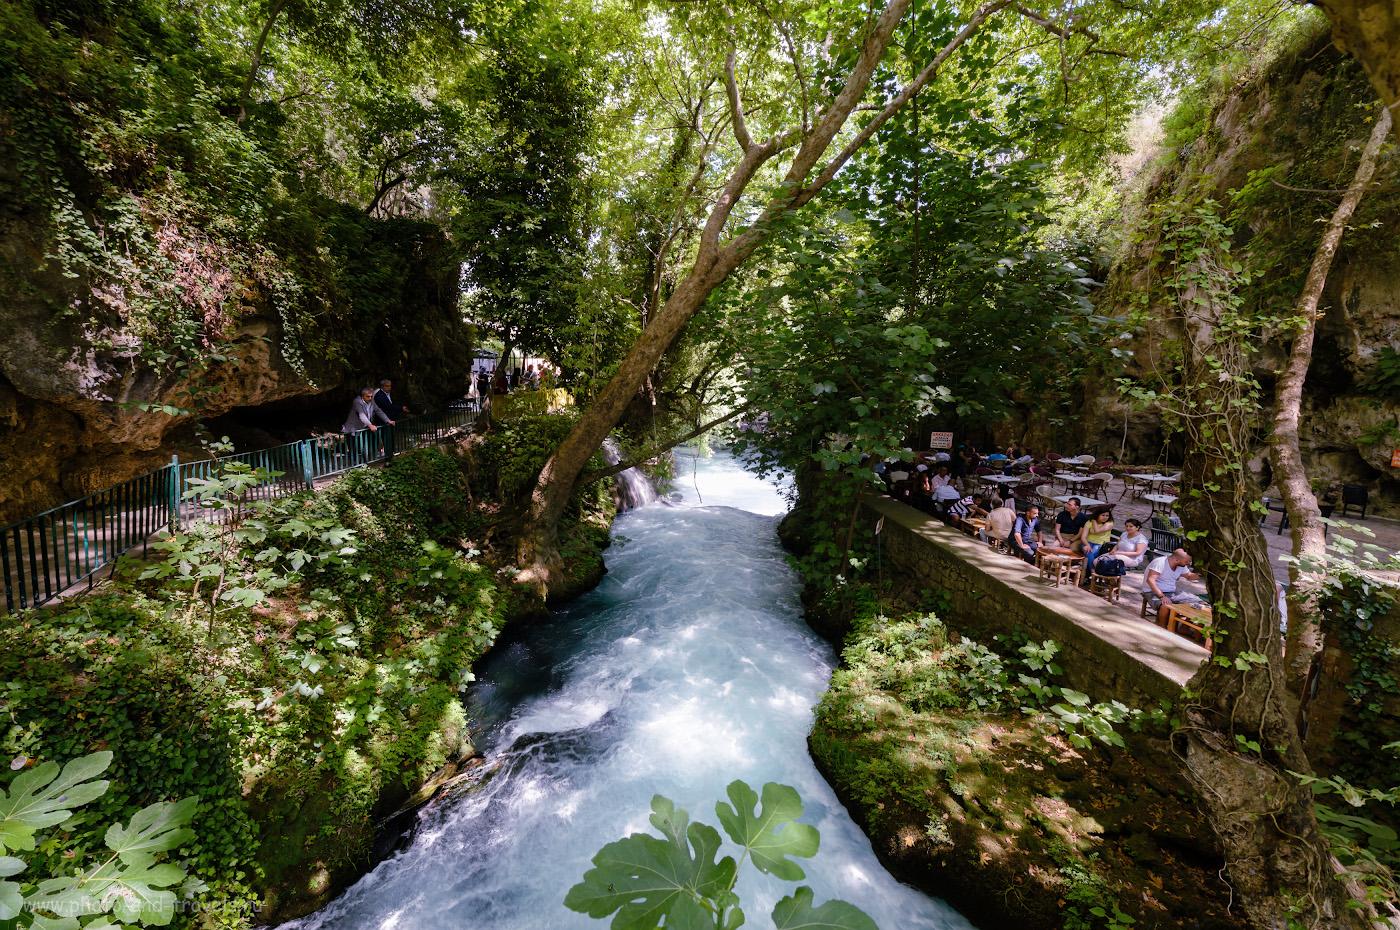 Фото 15. Река Дюден в парке Düden Şelalesi. Рассказы туристов об экскурсиях в Анталии. Интересные достопримечательности, что можно посмотреть во время отдыха в Турции. 1/50, 8.0, 250, -0.33, 14.